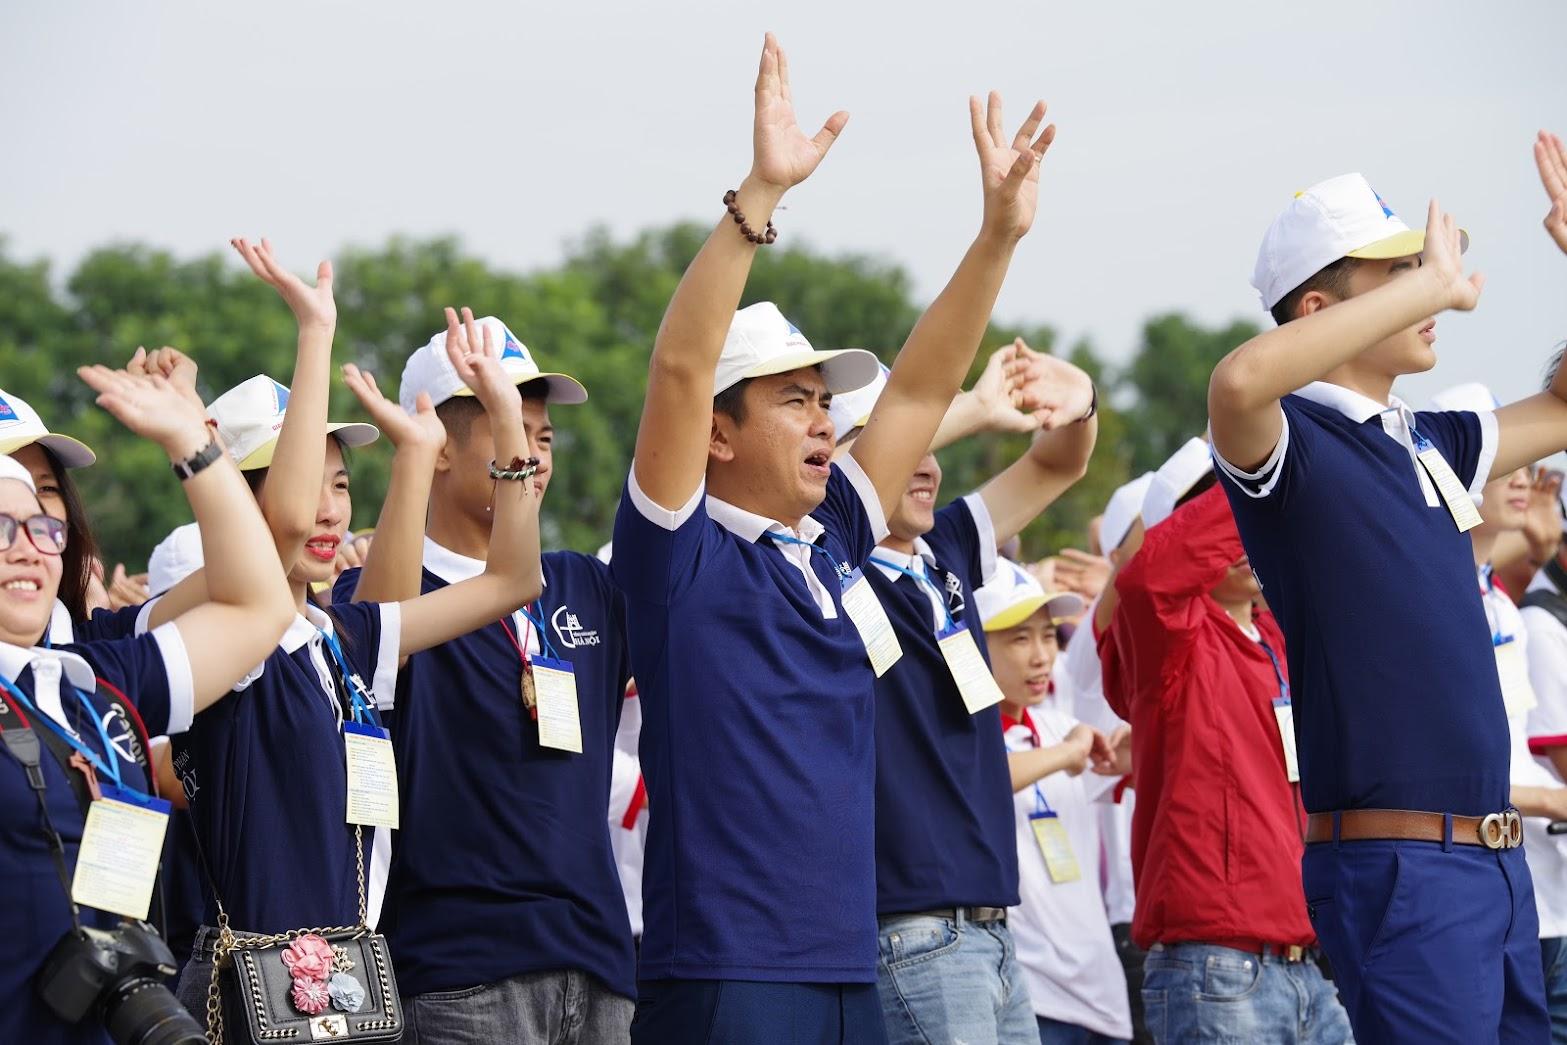 Những hình ảnh đẹp về lễ khai mạc Đại Hội Giới Trẻ giáo tỉnh Hà Nội lần thứ XV tại Thanh Hóa - Ảnh minh hoạ 9